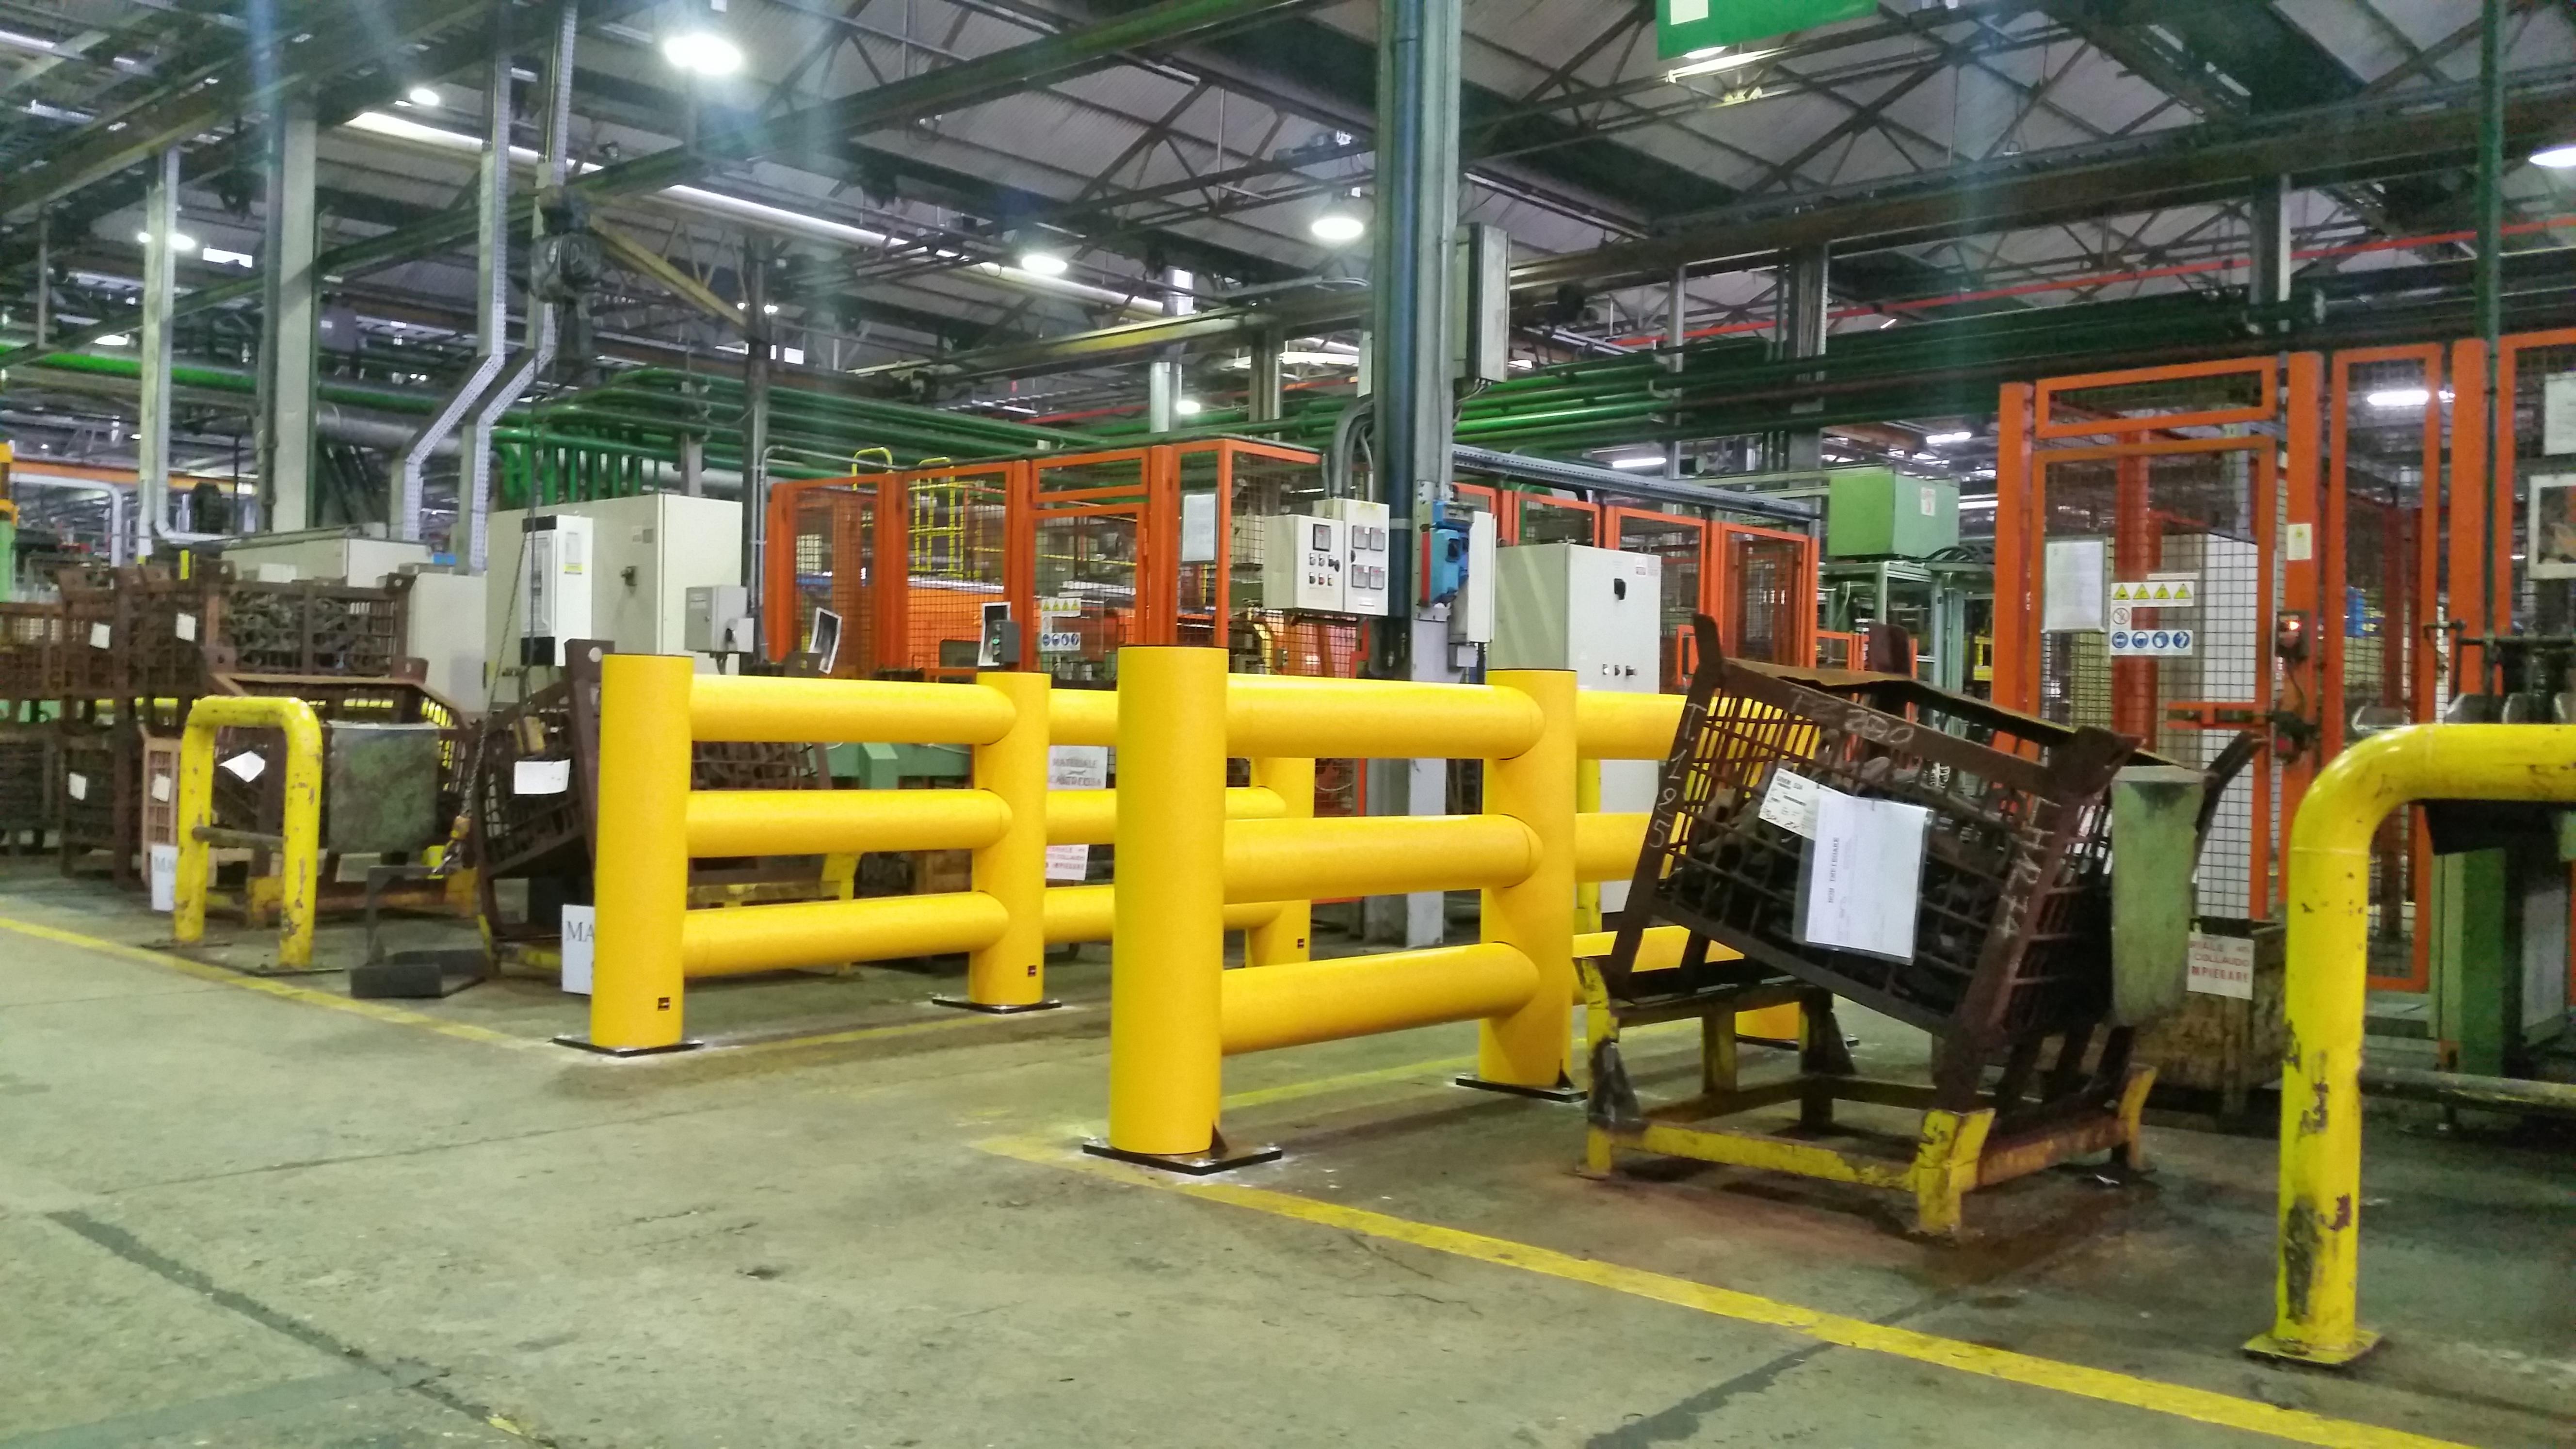 Barriera di sicurezza e protezione modulare e flessibile